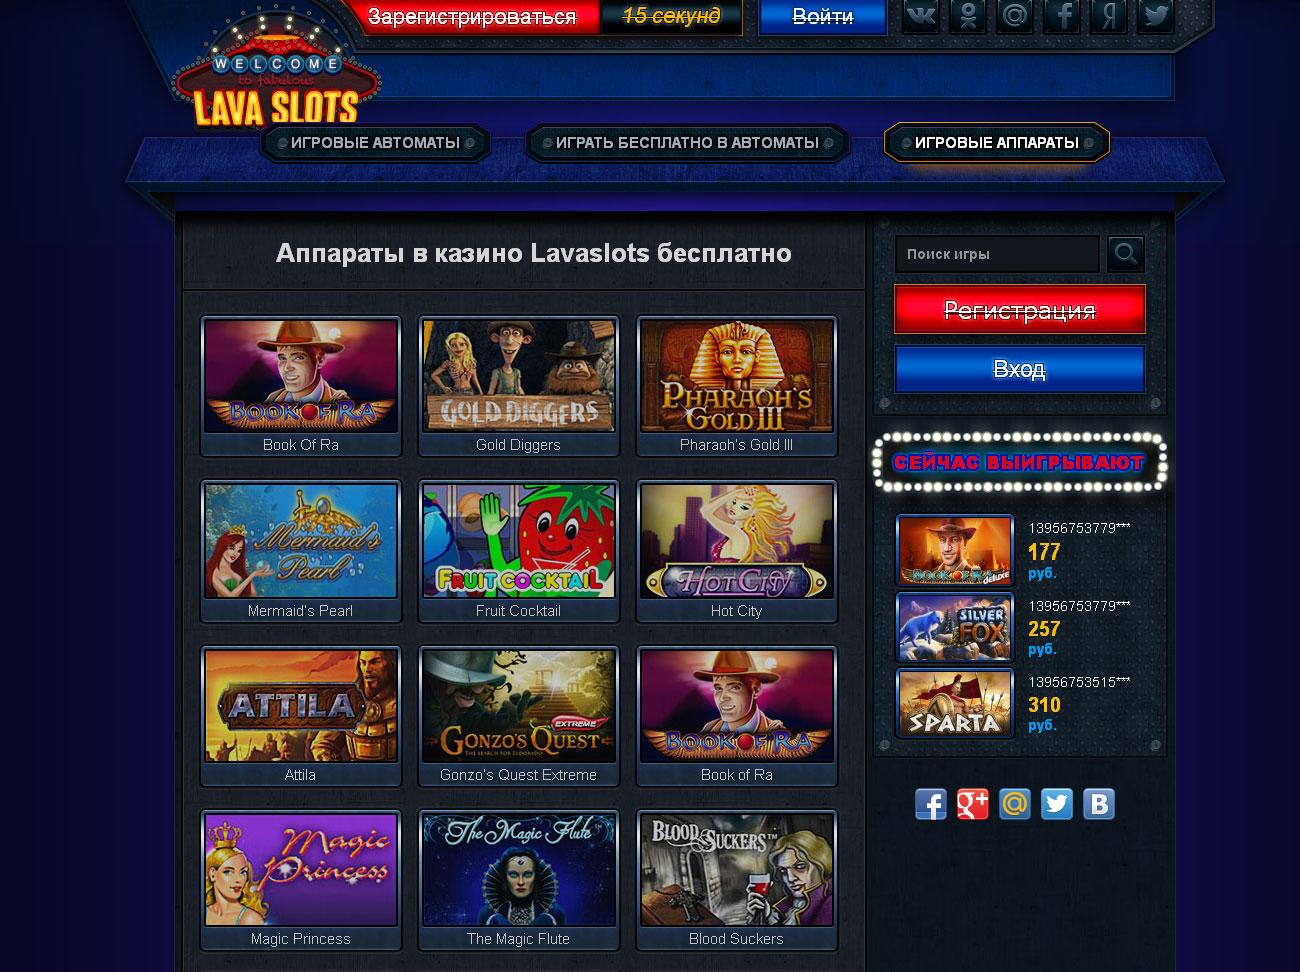 Аппараты в казино Lavaslots бесплатно